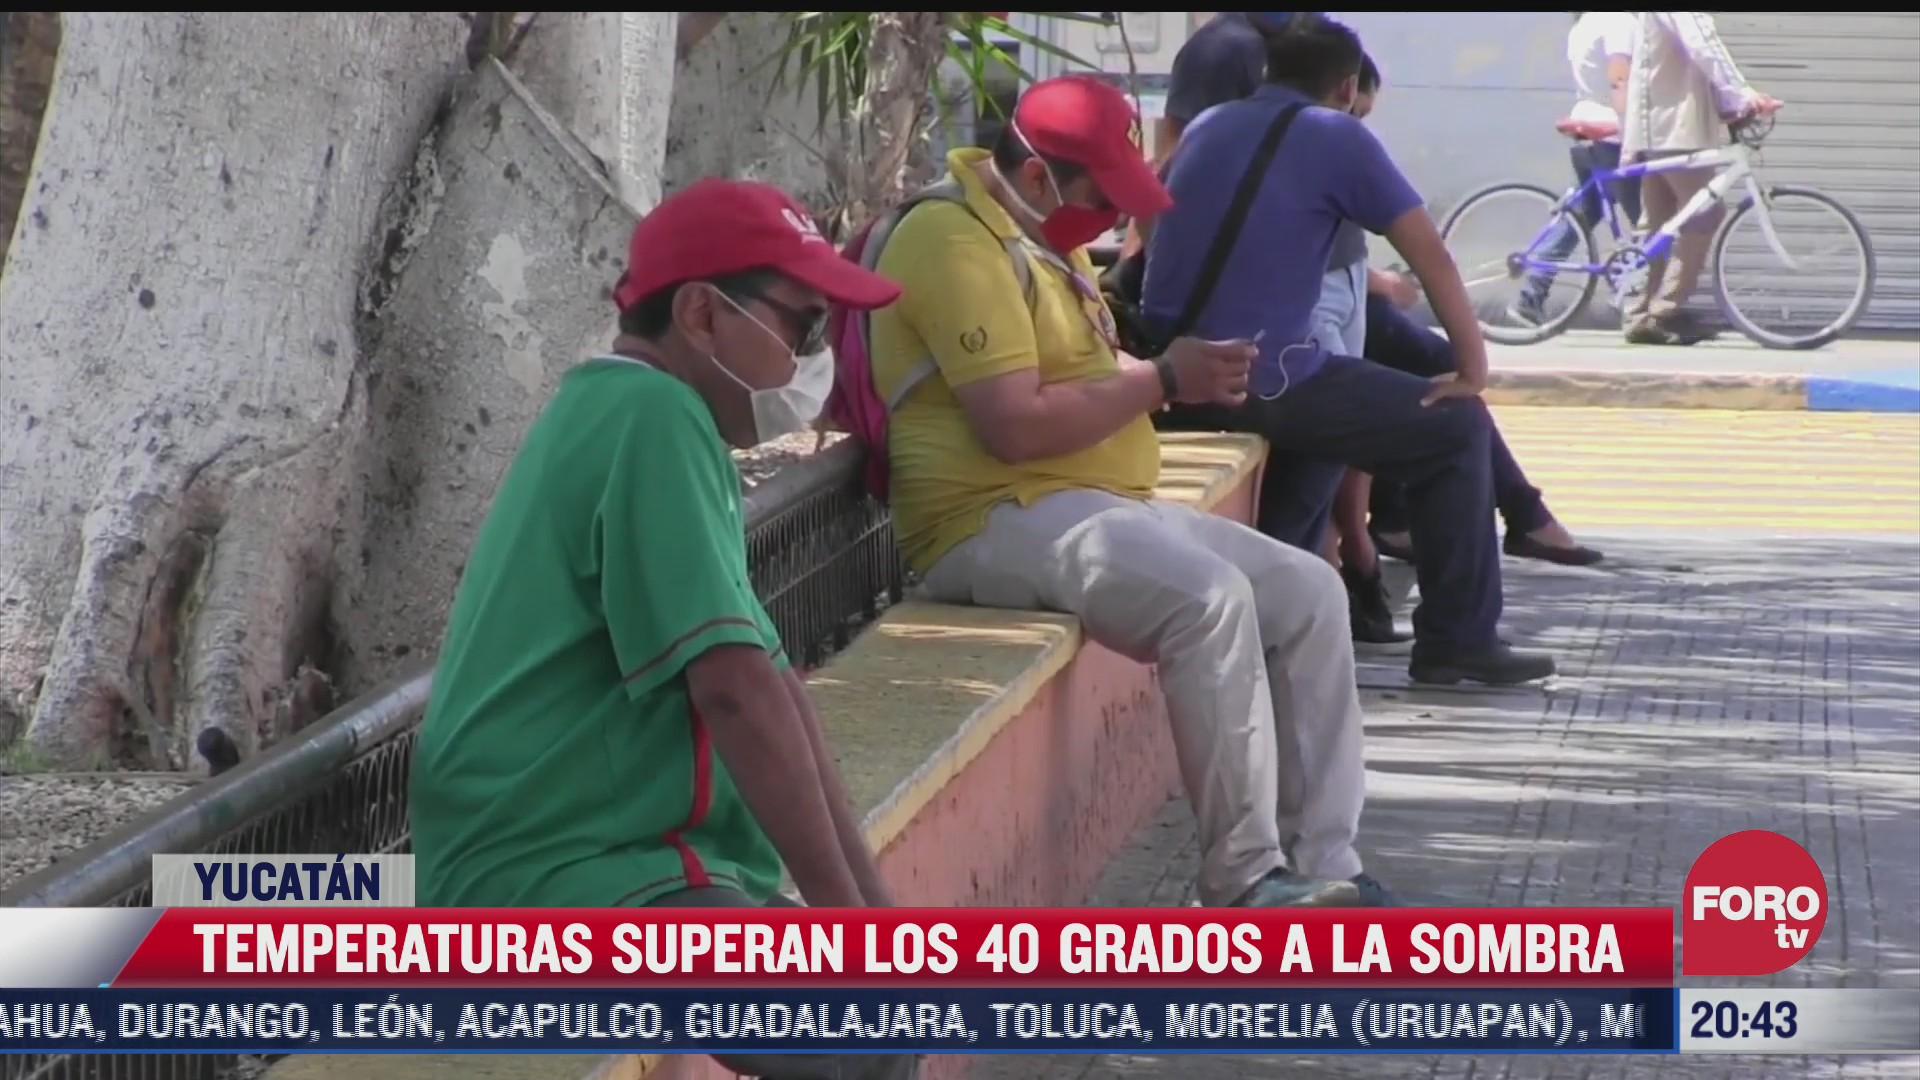 temperaturas superan los 40 grados en yucatan